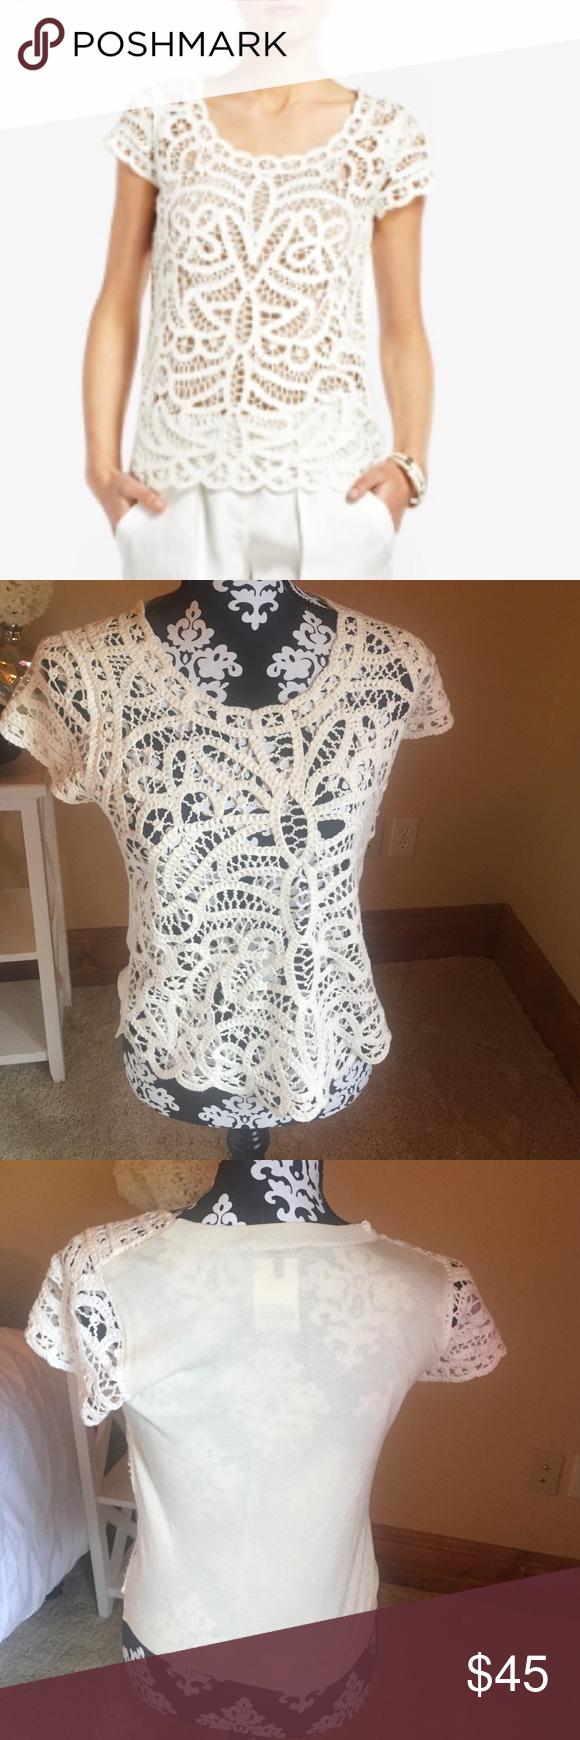 Crochet Top Cream crochet top, style is Morton in color Gardenia, sweater like back BCBGMaxAzria Tops